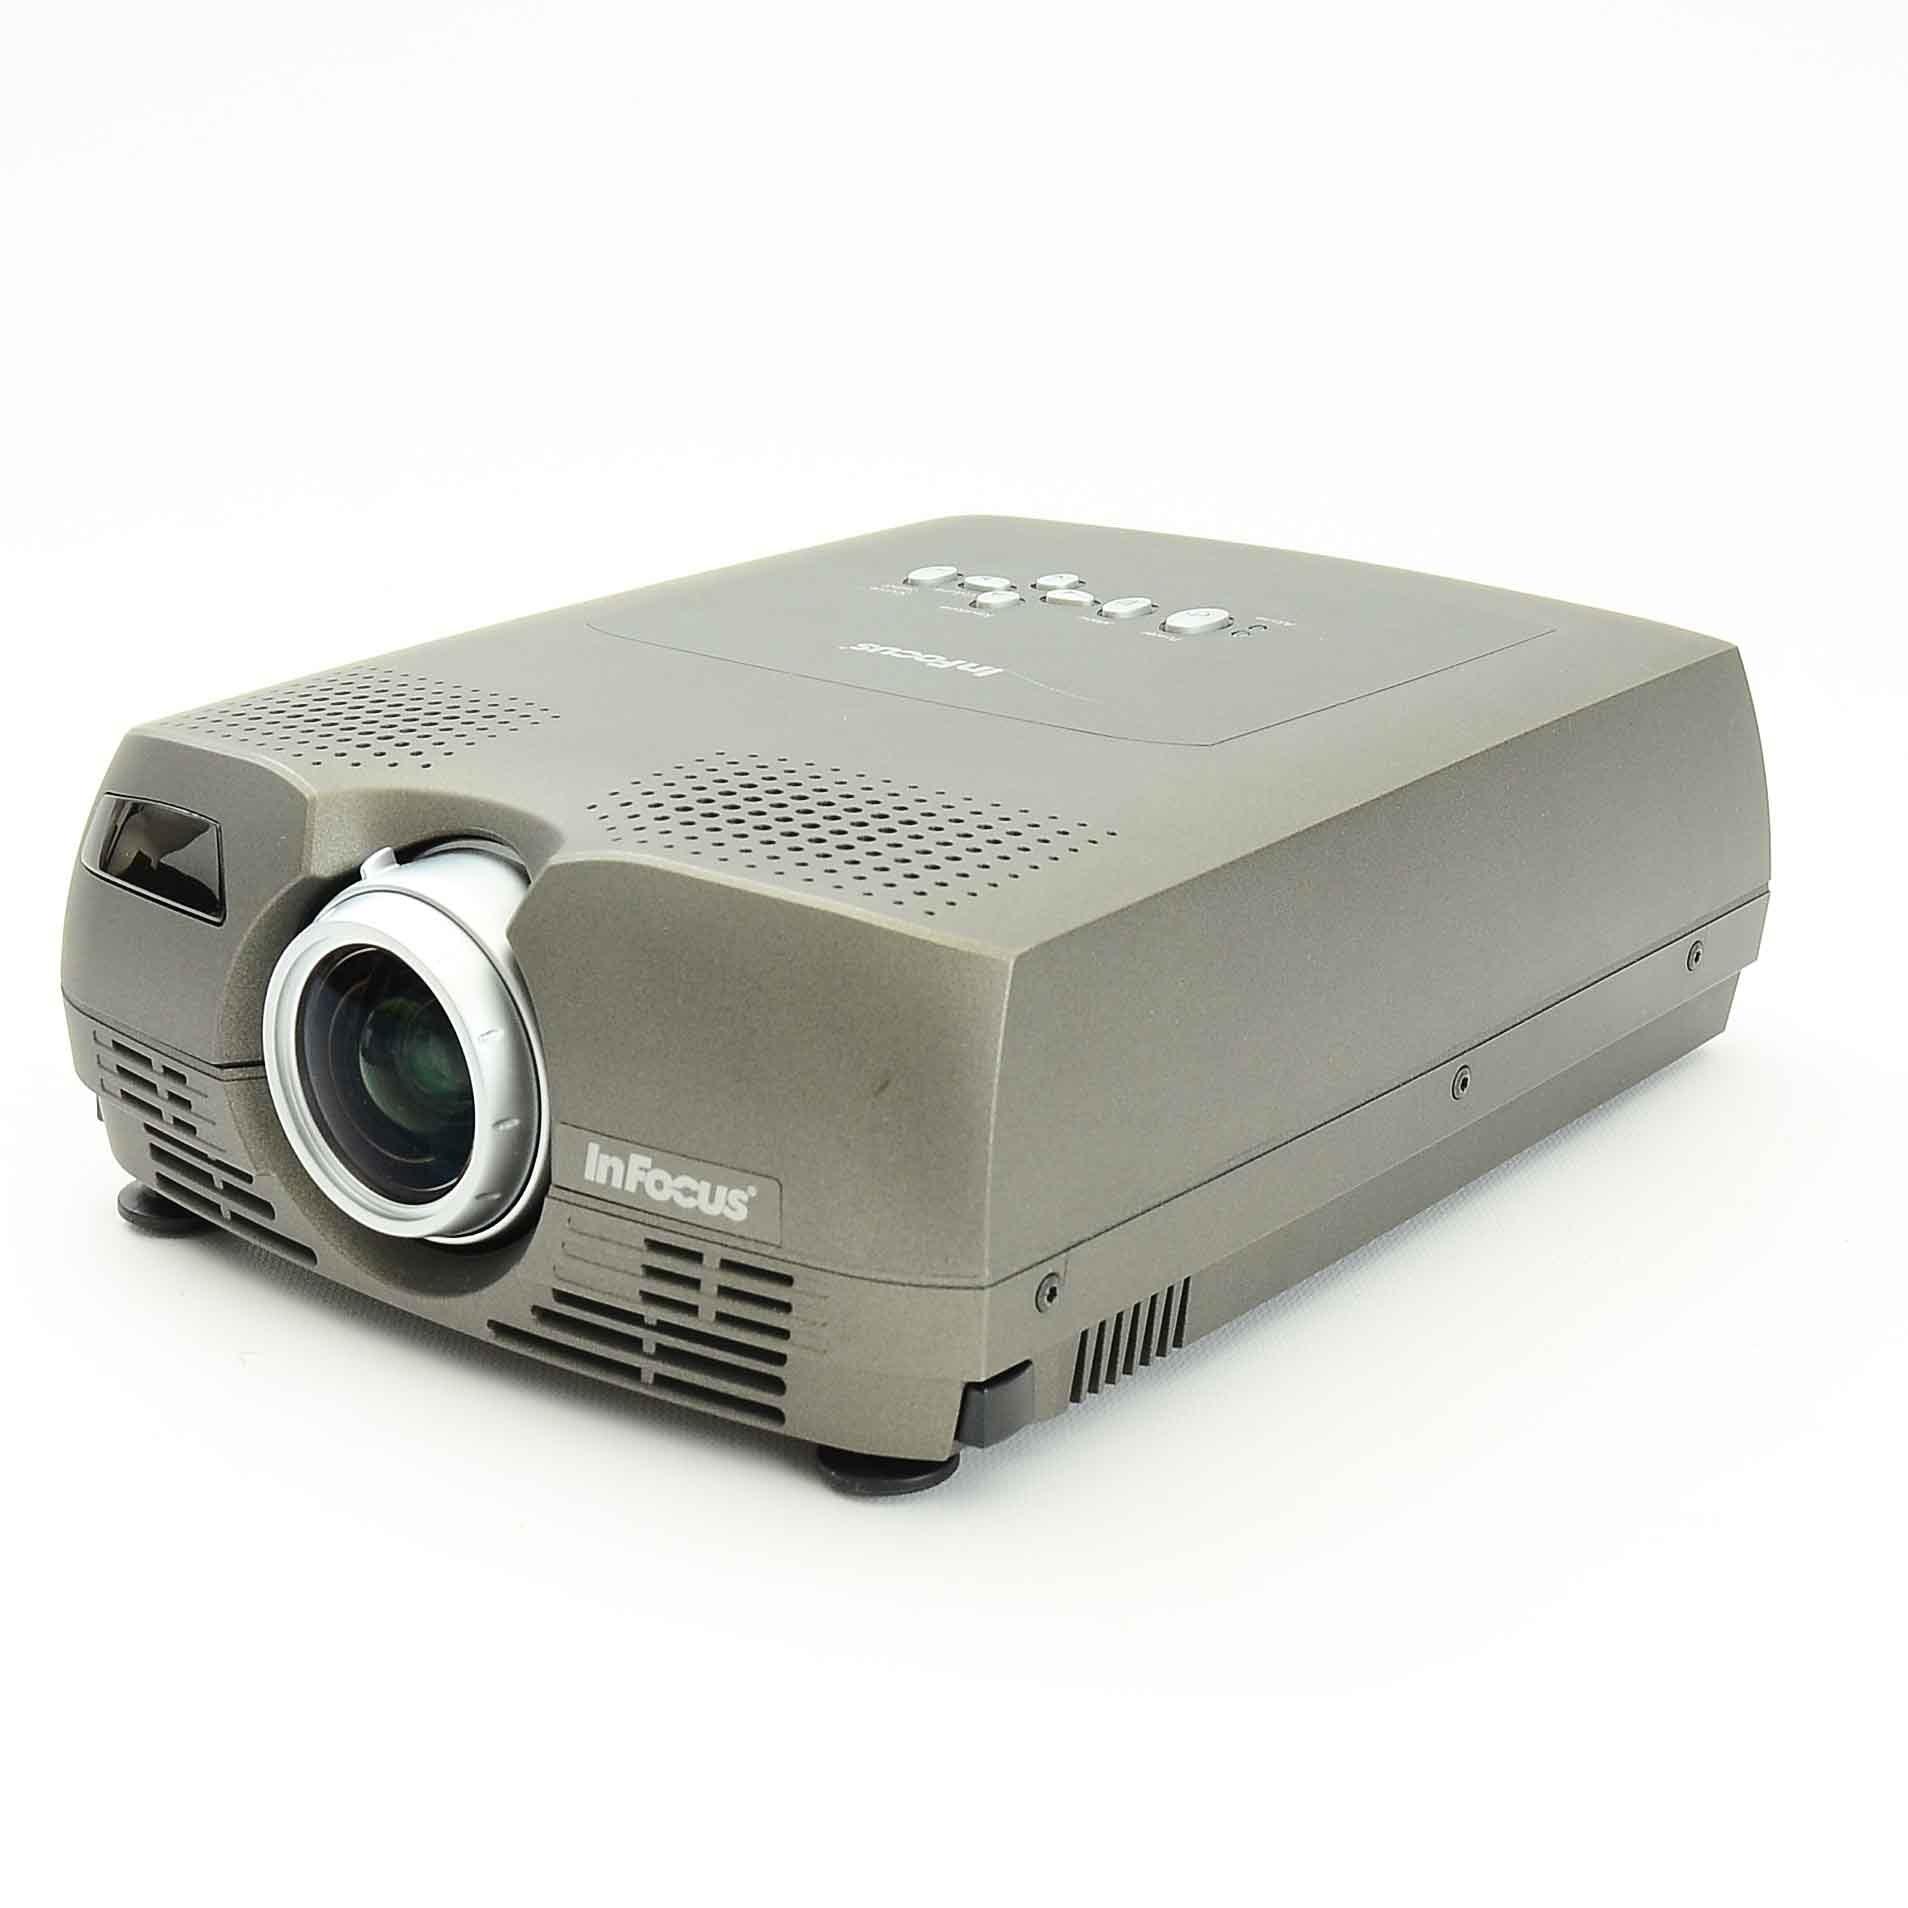 InFocus Model LP290 Projector